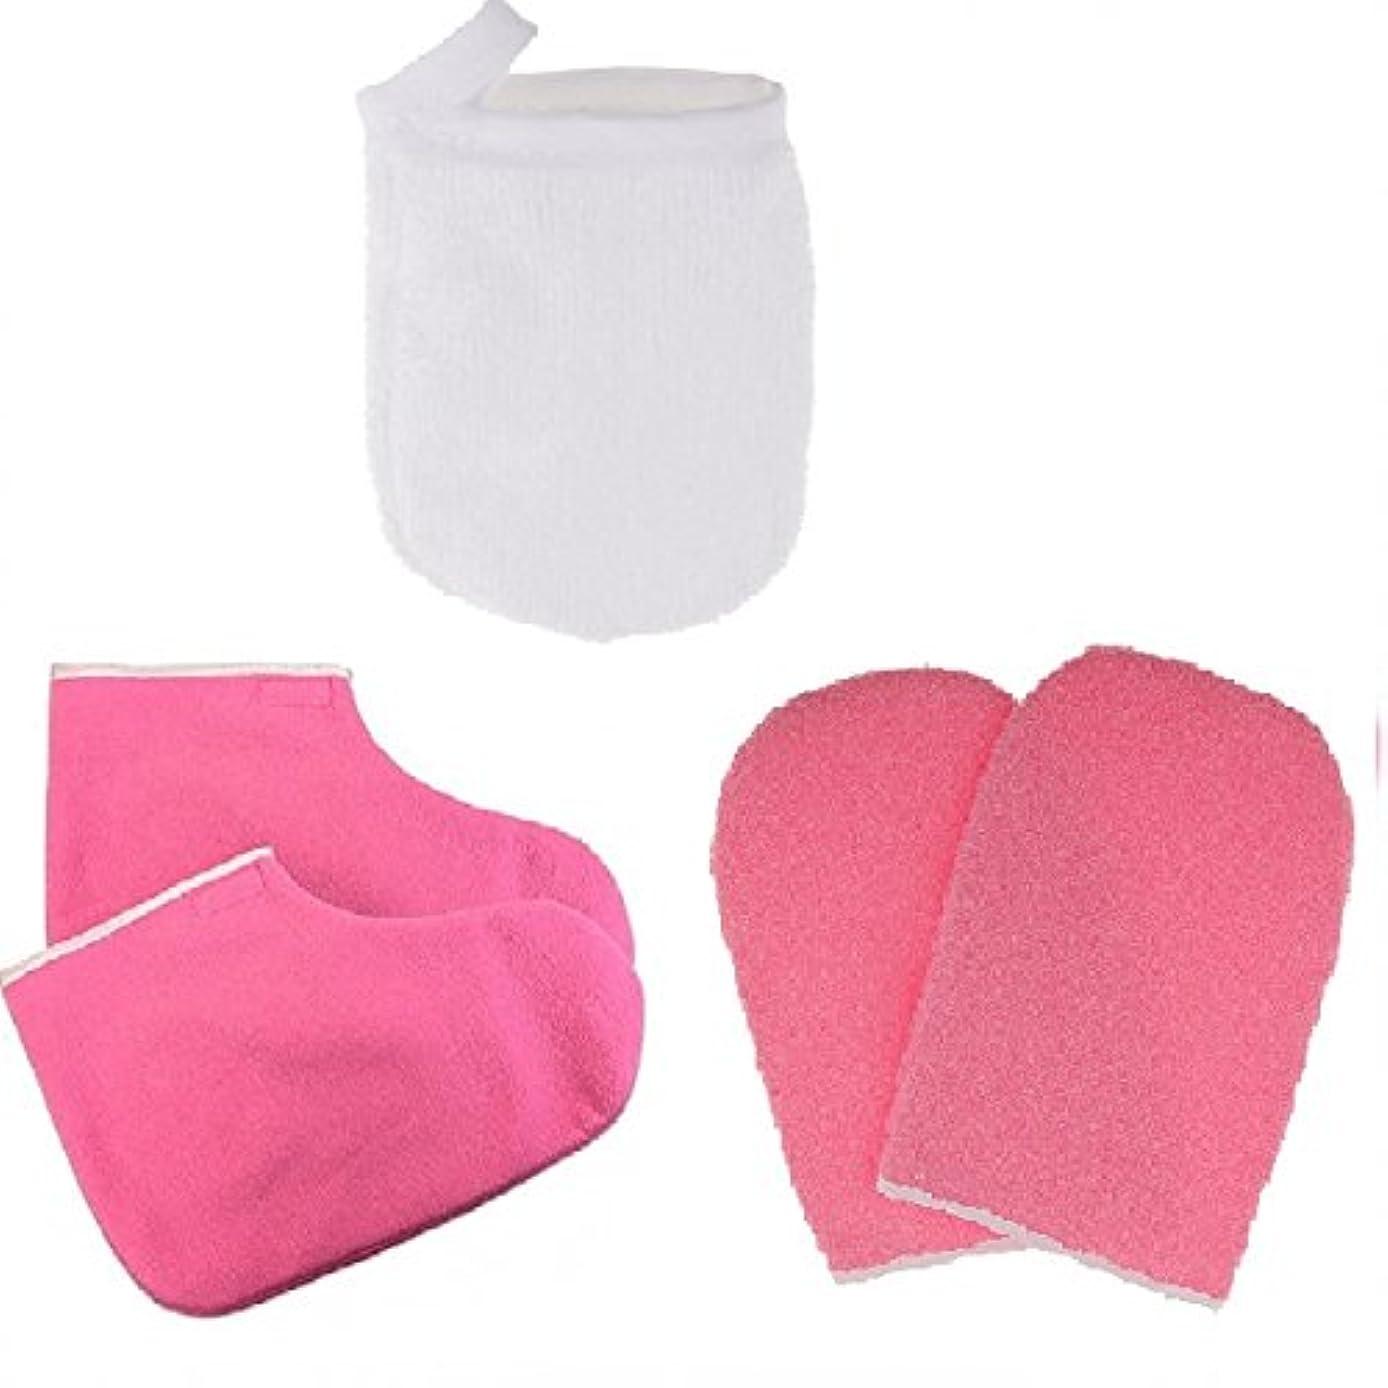 木材通行人投げ捨てるグローブ パラフィンワックス保護手袋 メイクリムーバー パッド パラフィンワックス手袋